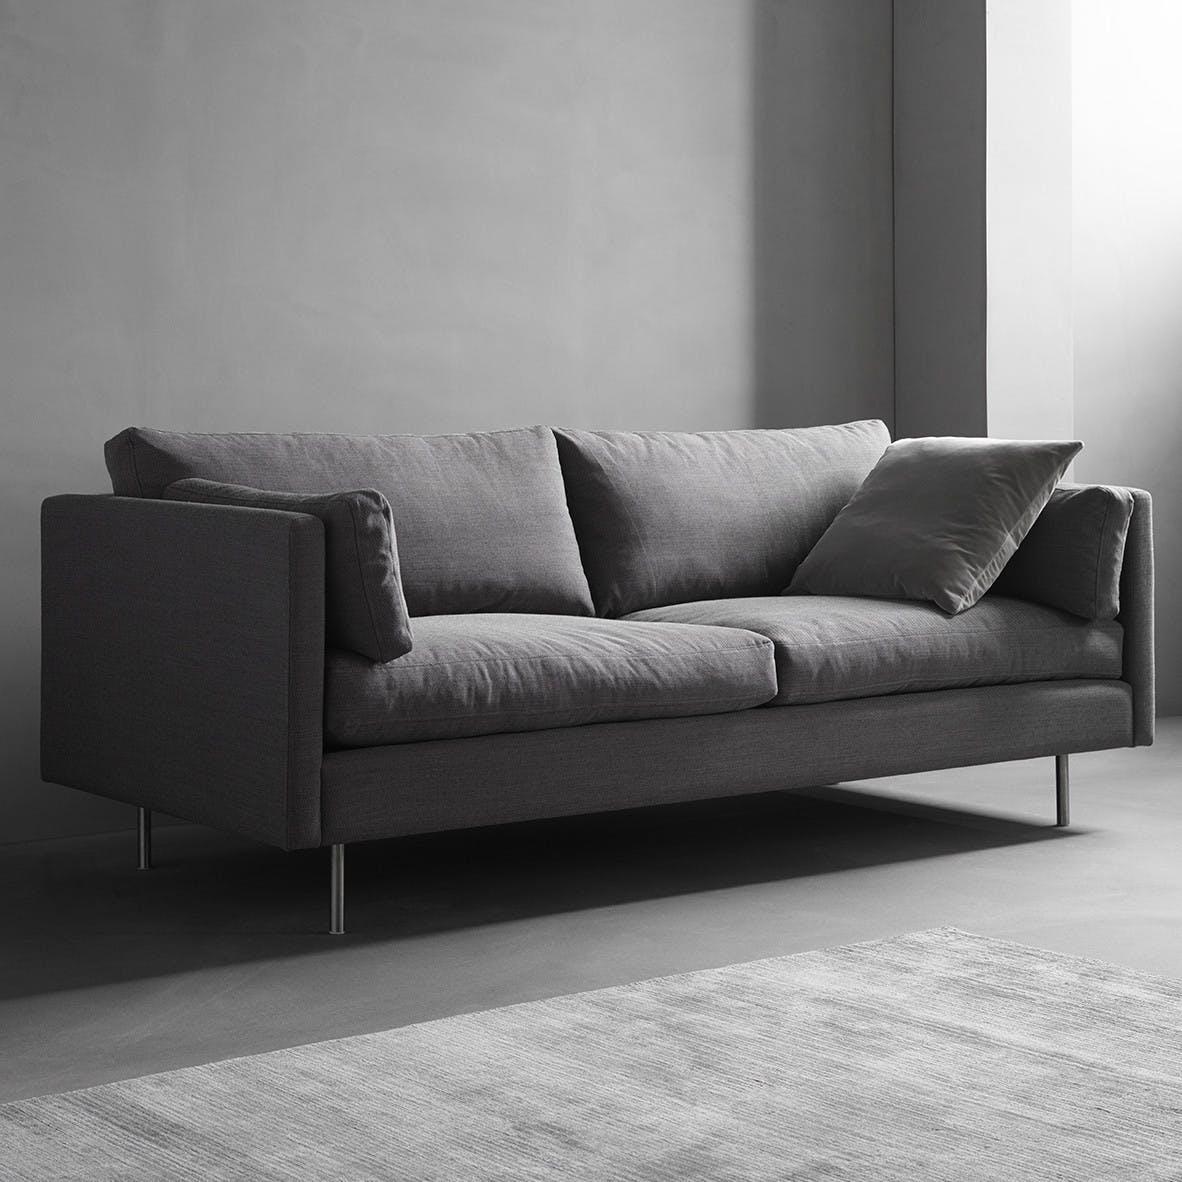 Wendelbo-nova-1-sofa-institu-haute-living